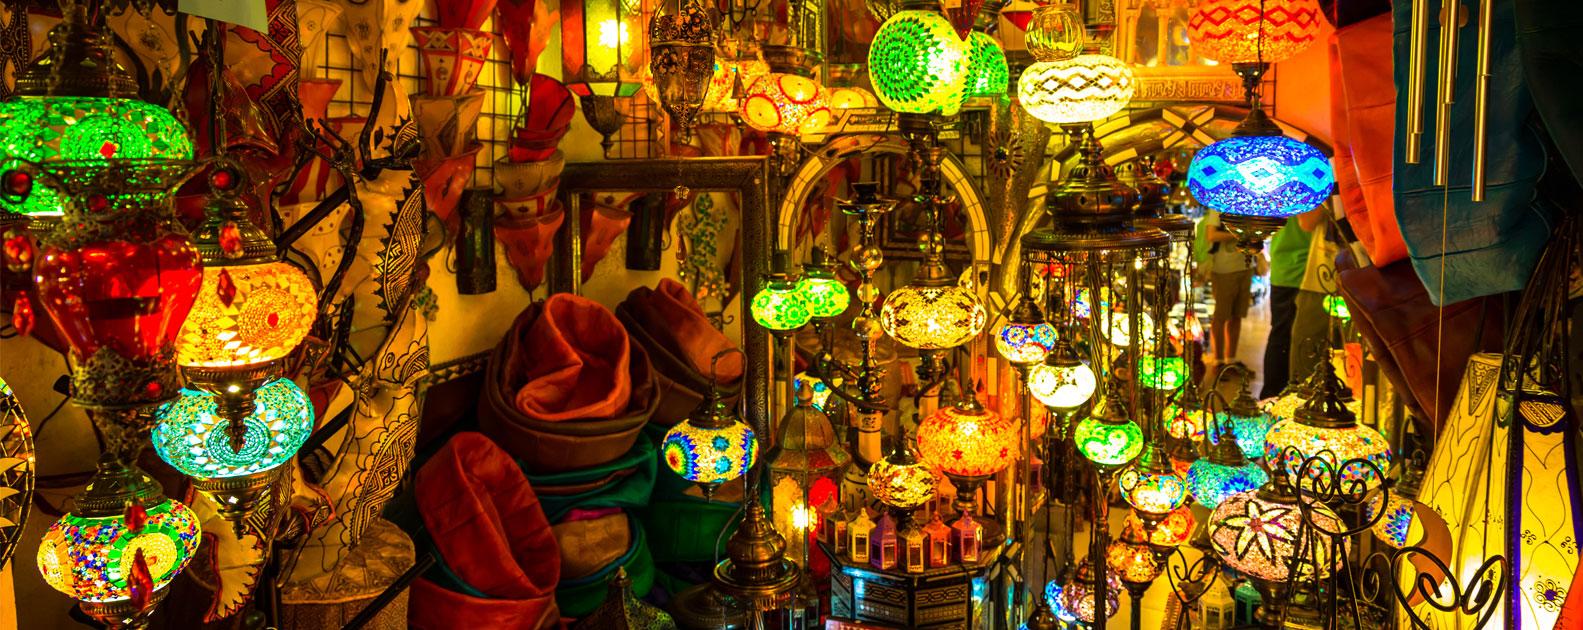 lampes et lanternes arabes a marrakech